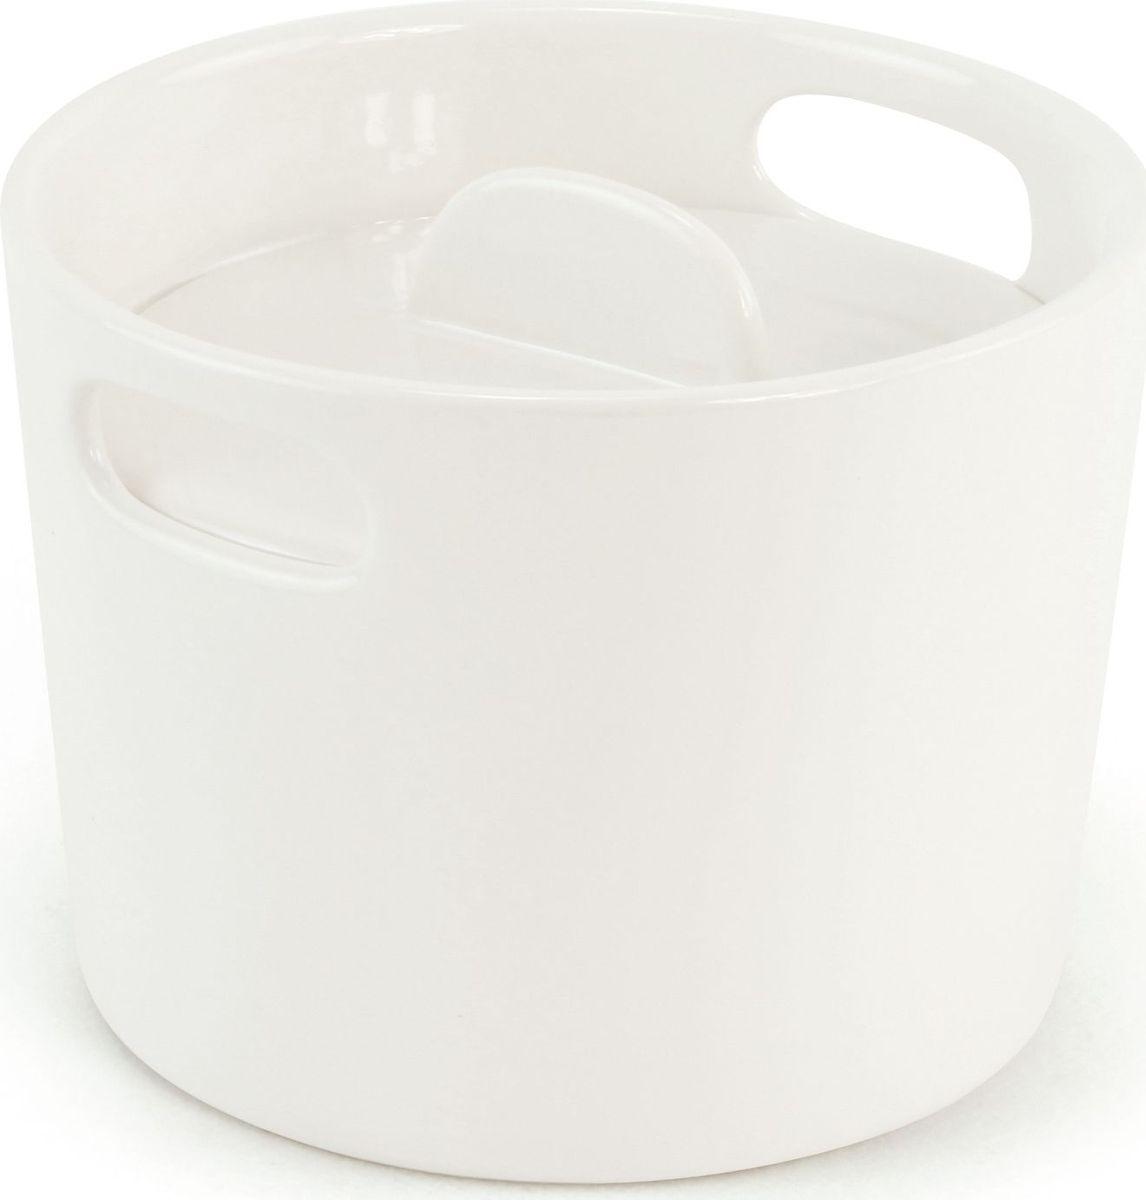 Набор кокотниц Cookut Eve, с крышками, цвет: белый, диаметр 11 см, 3 штEVE11BL3Набор кокотниц Cookut Eve с крышками. Кокотницы, выполненные из керамики, идеально подходят для приготовления жульенов, порционных блюд в духовом шкафу.Подходят для использования в духовом шкафу и микроволновой печи. Можно мыть в посудомоечной машине.В комплекте 3 штуки.